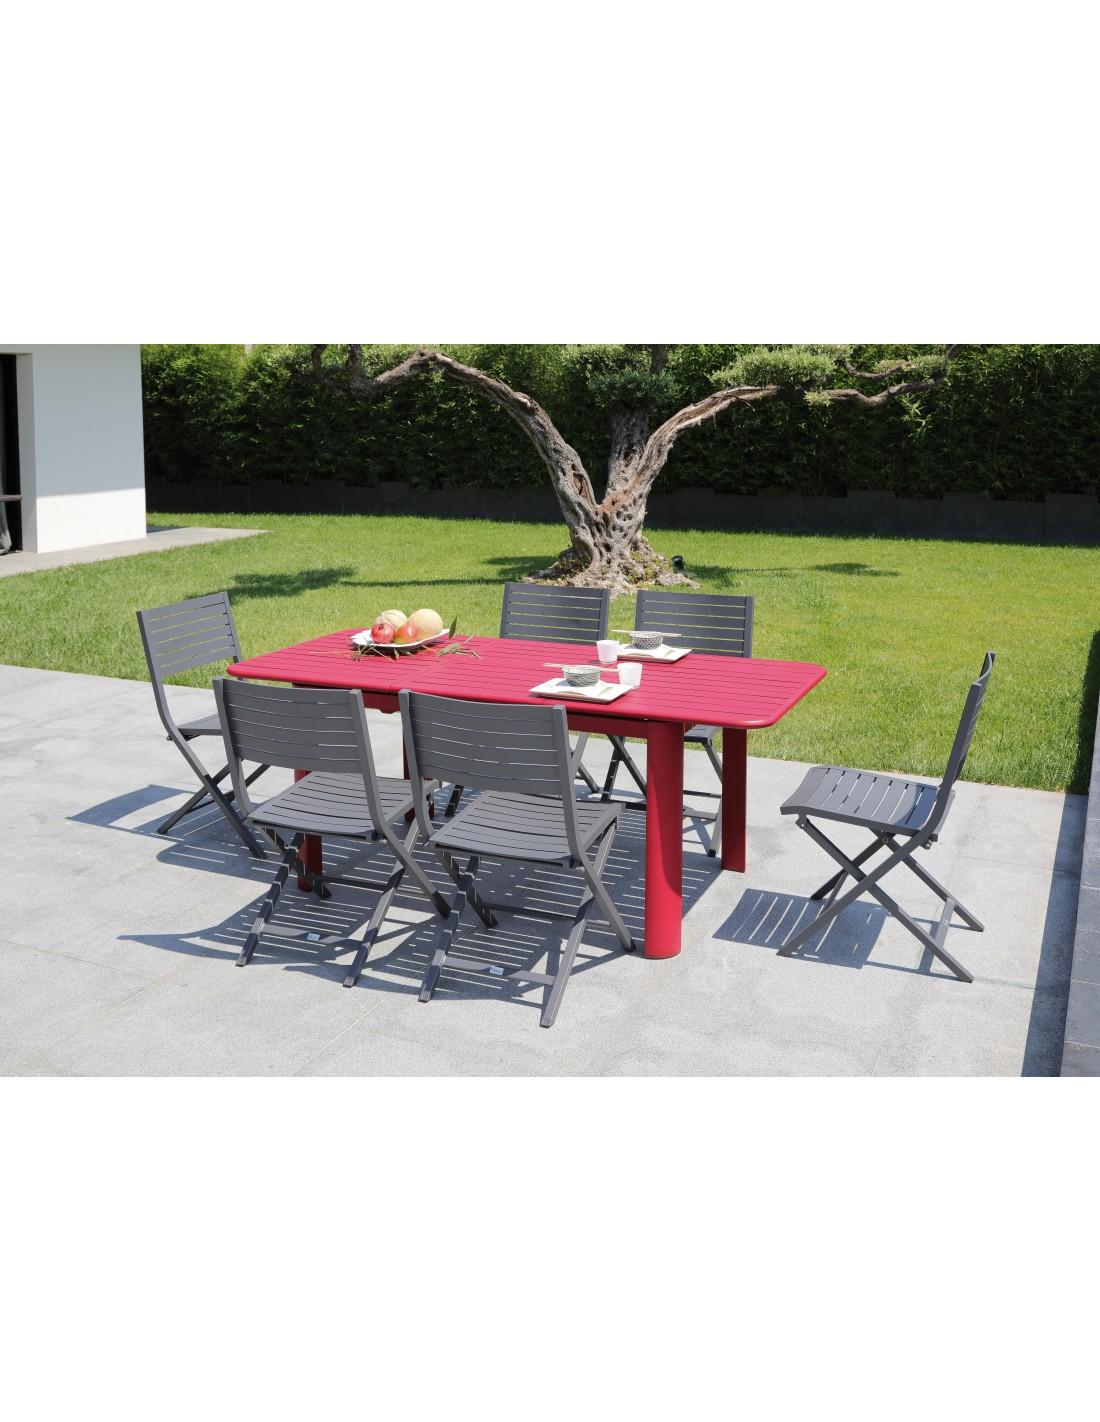 Table De En Proloisirs 130180 Jardin Eos Extensible Aluminium Cm 3ARL54jq